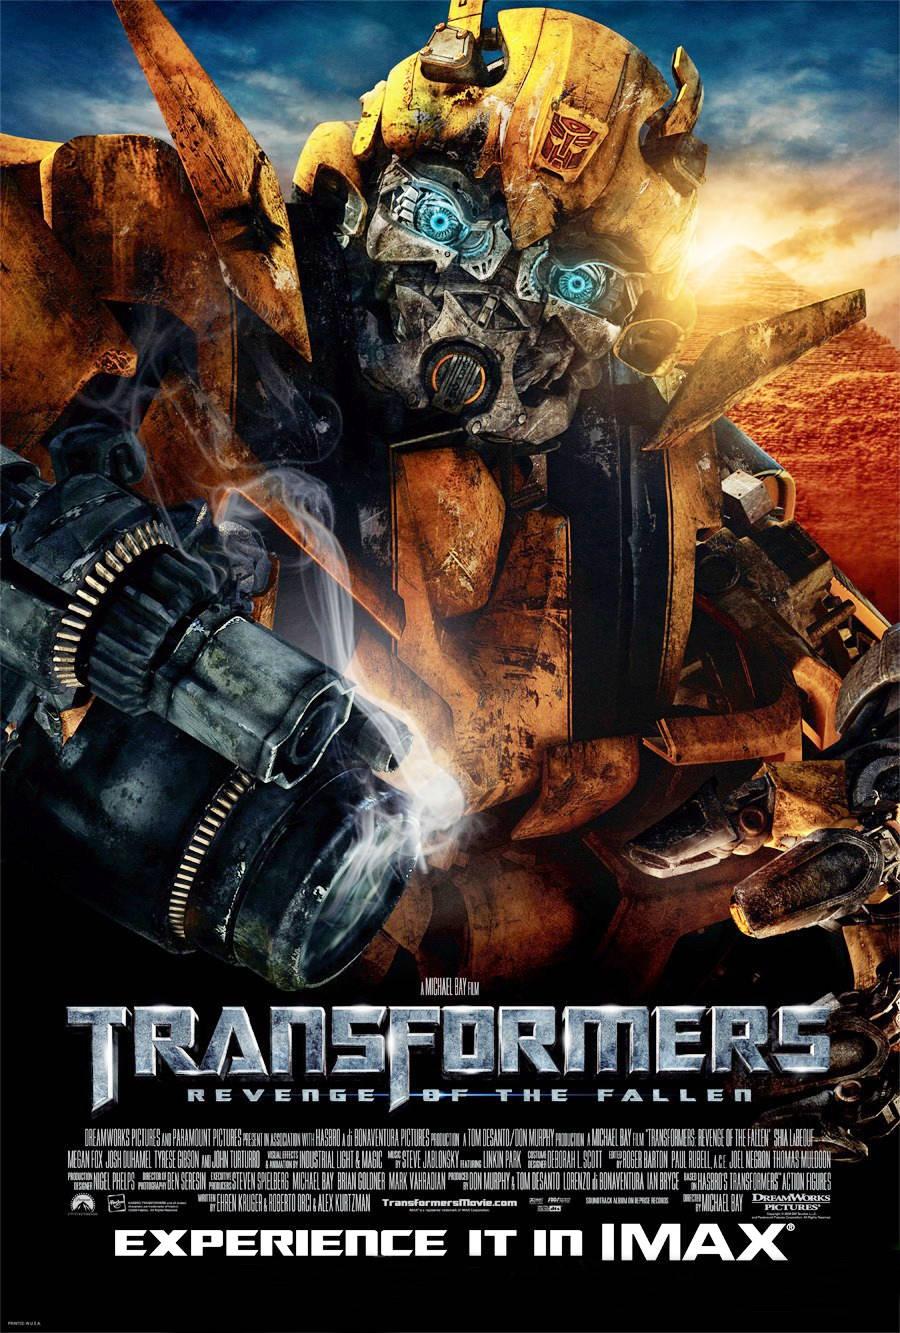 transformers_revenge_of_the_fallen_poster_2009_06.jpg